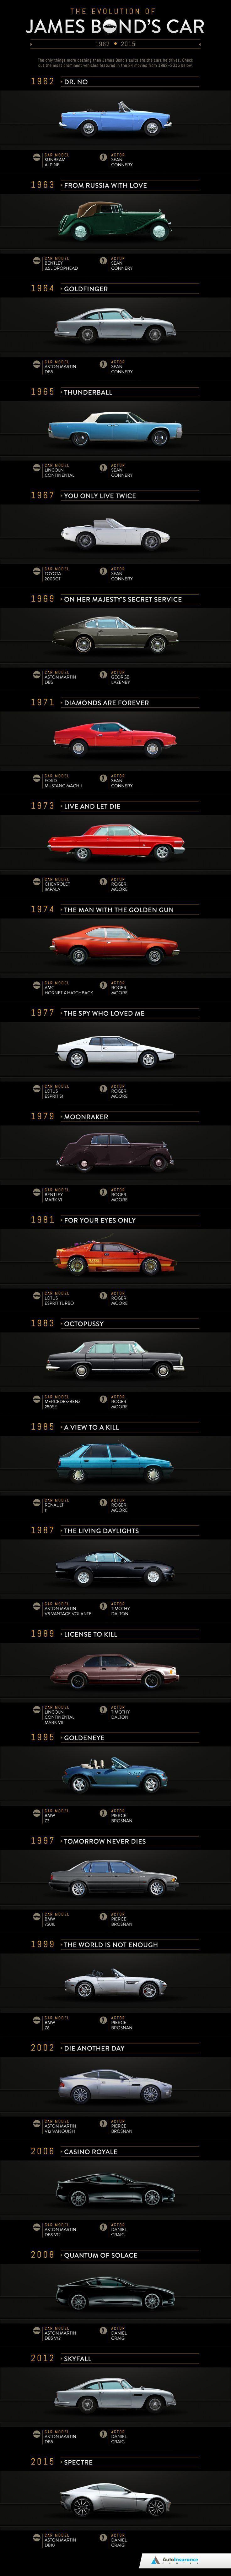 #escort #esenyurt #klassischeautos Die Evolution von James Bonds Auto!  #Anleihe…